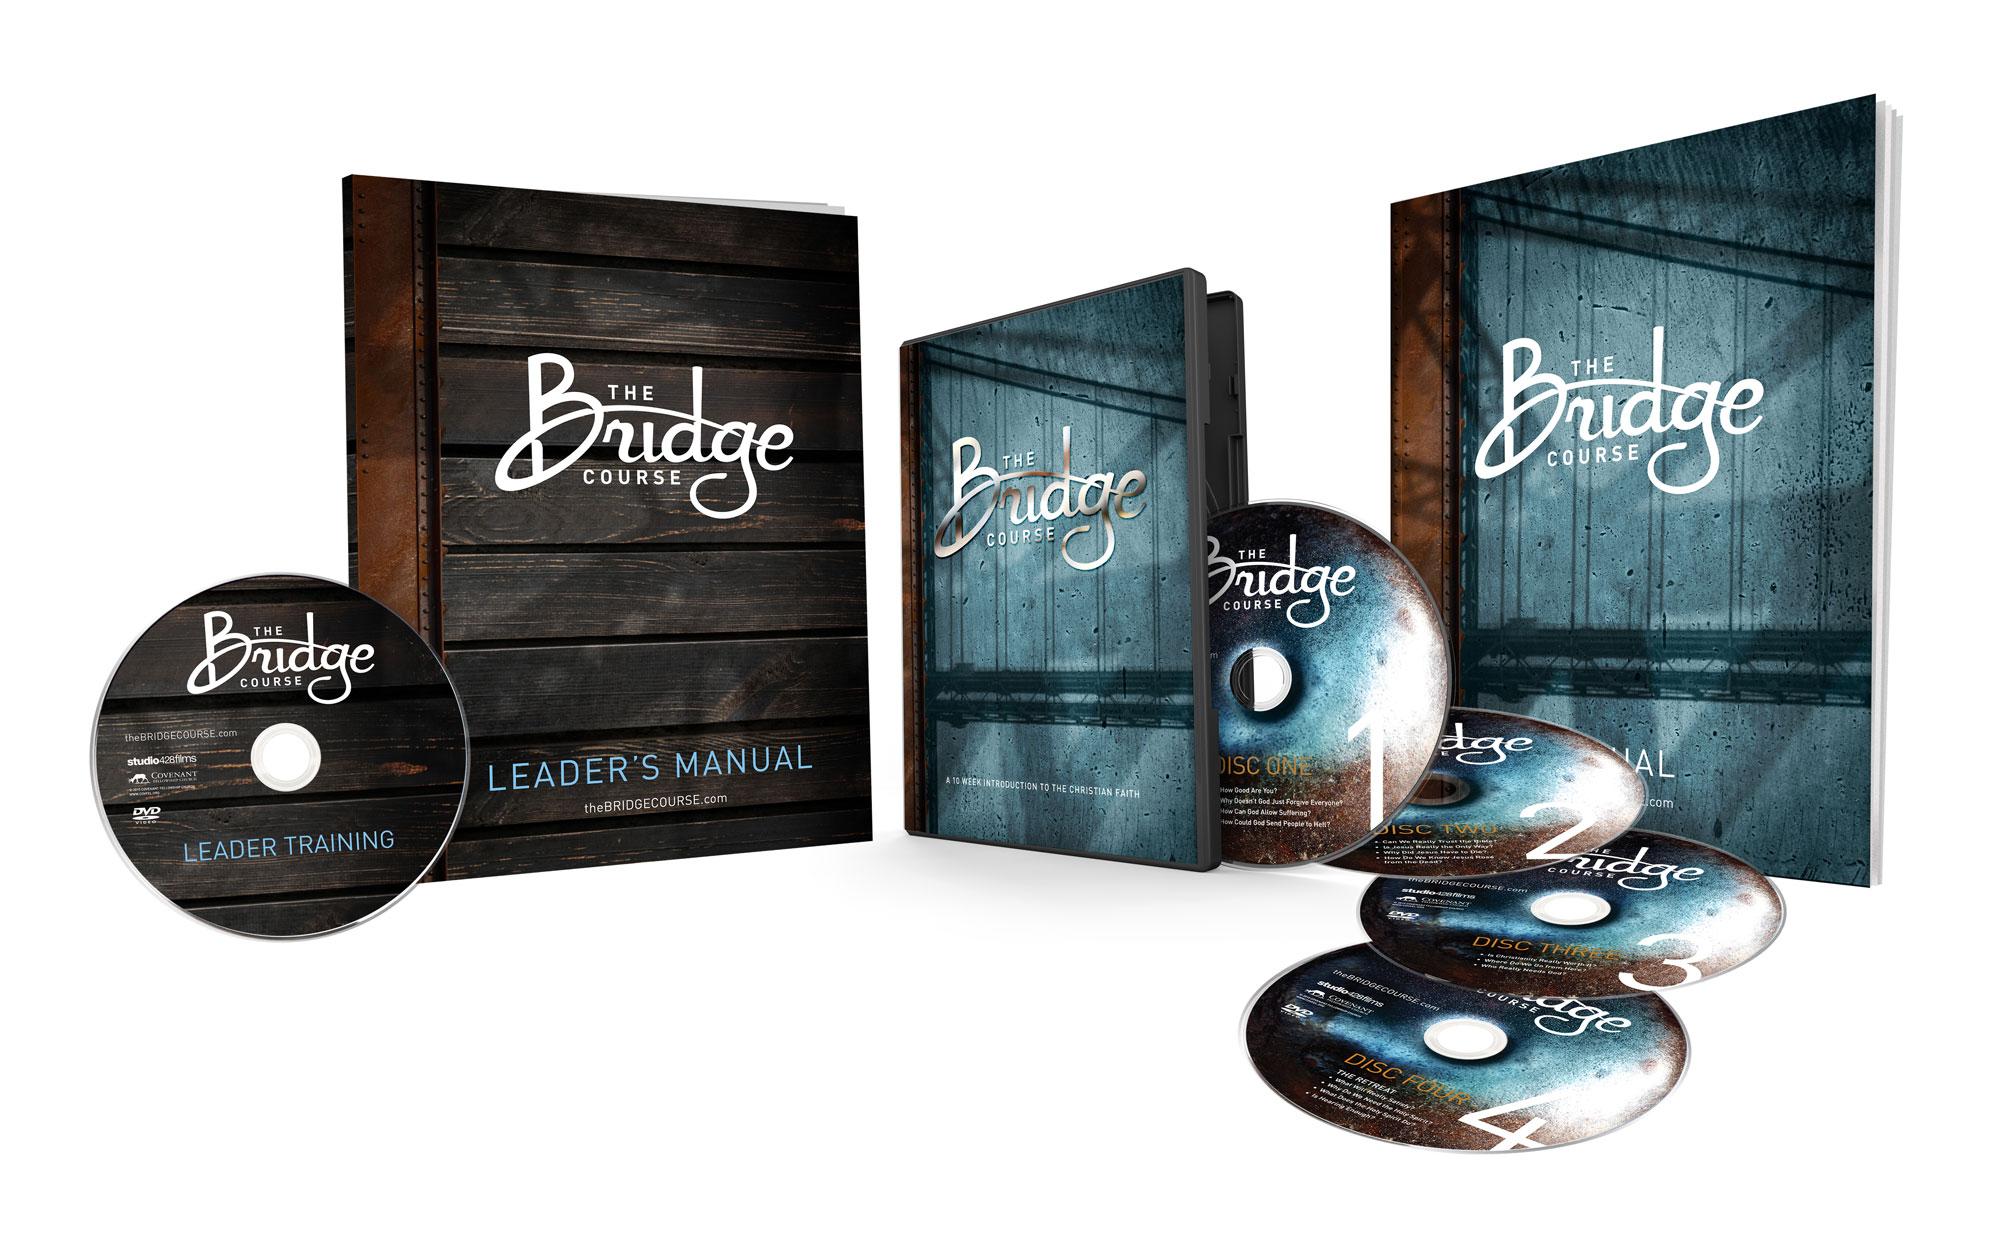 bridge_kit_product_sheet.jpg